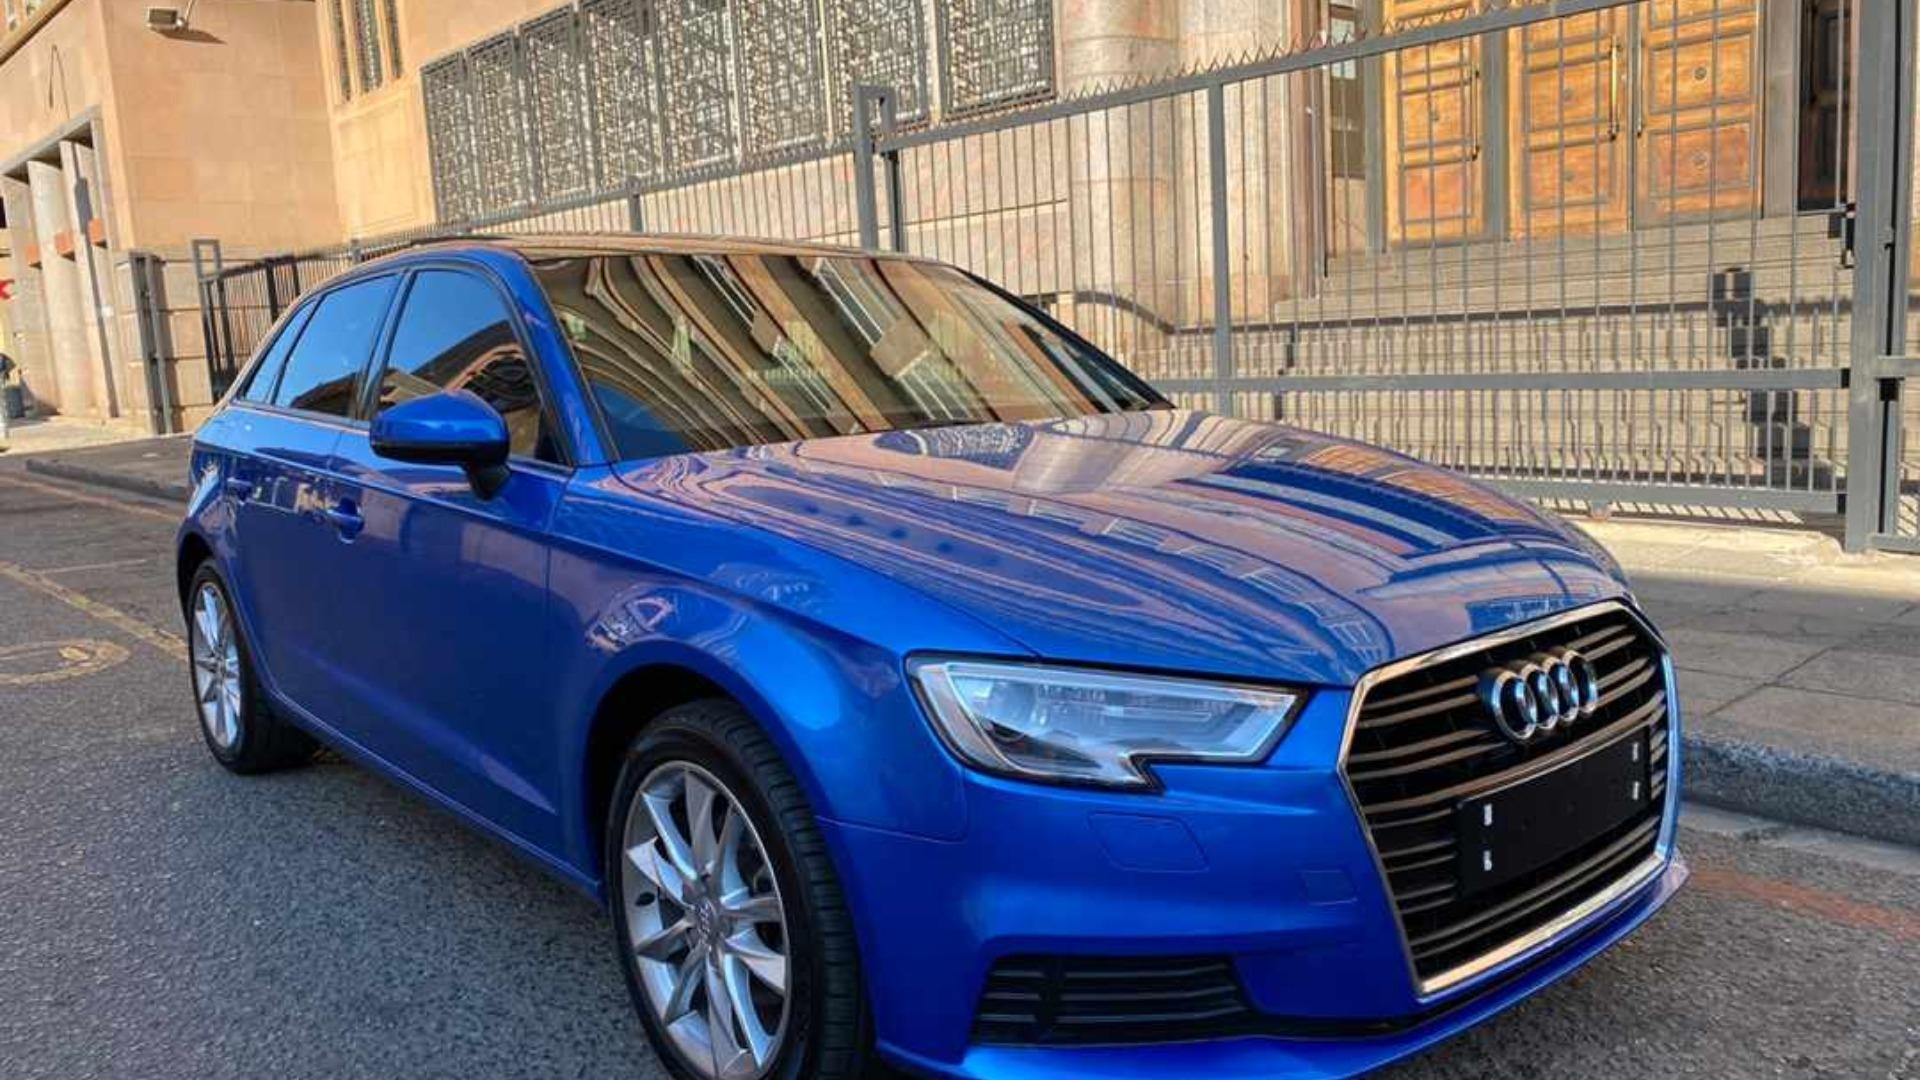 Kekurangan Audi A3 Ambition Top Model Tahun Ini